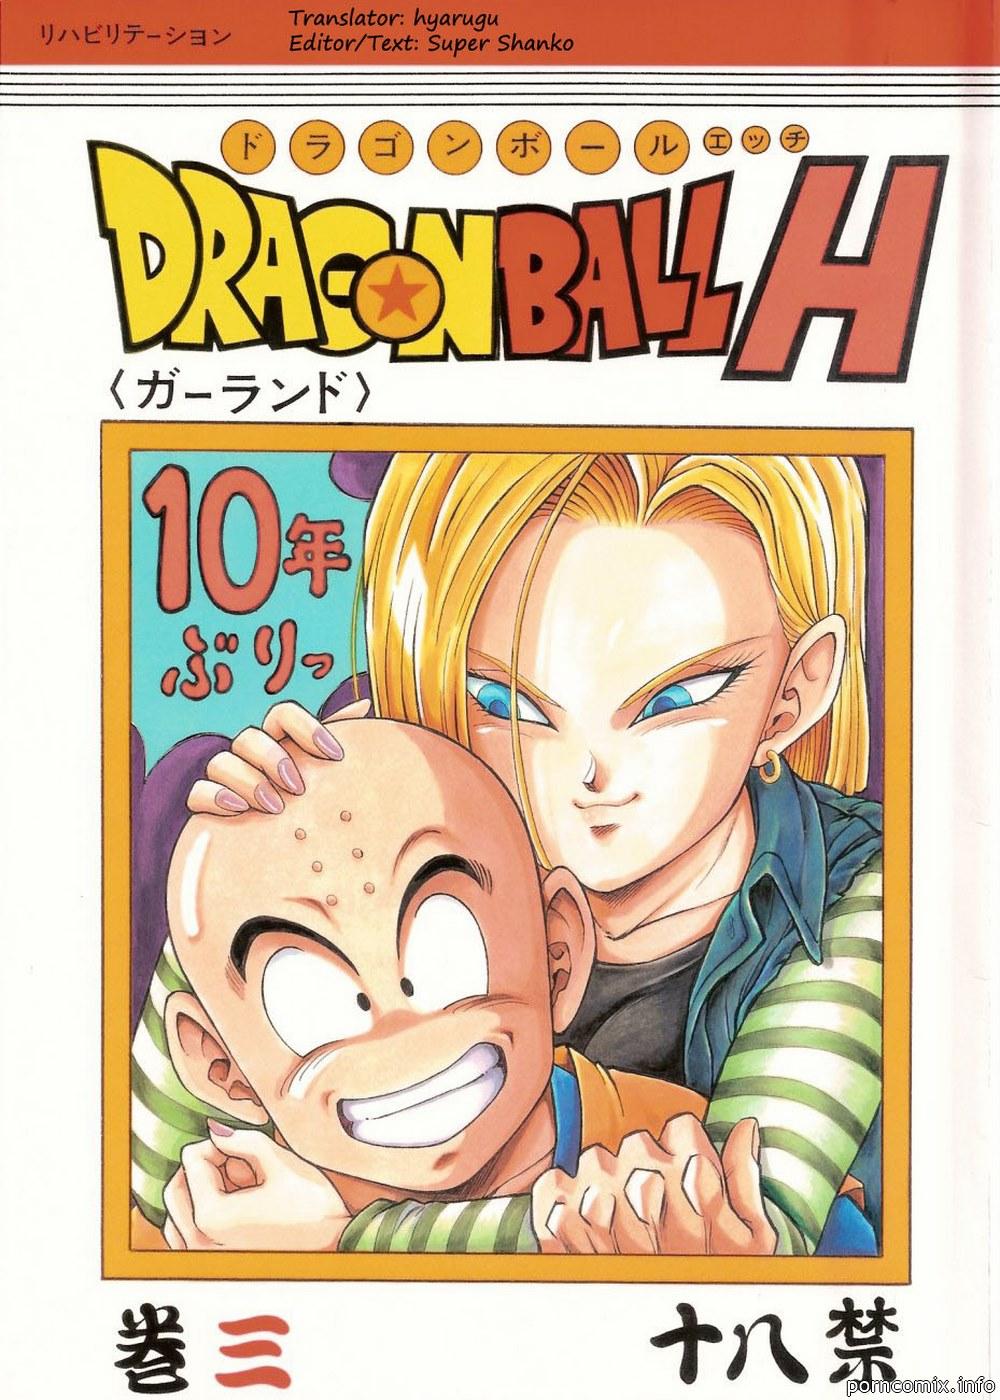 Porn Comics - Dragon Ball H porn comics 8 muses